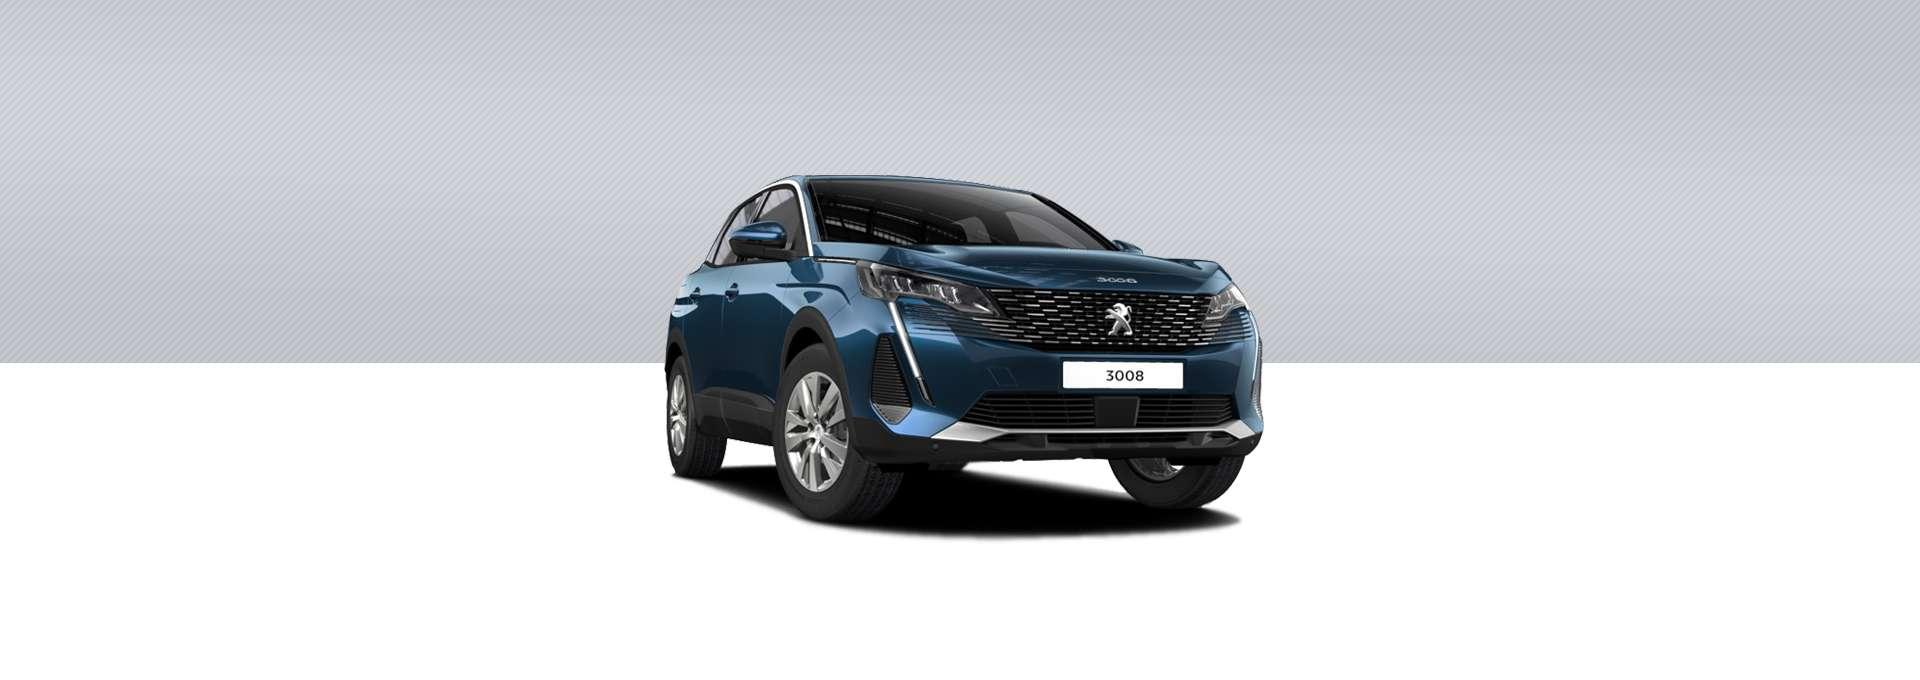 Peugeot Nuevo 3008 SUV